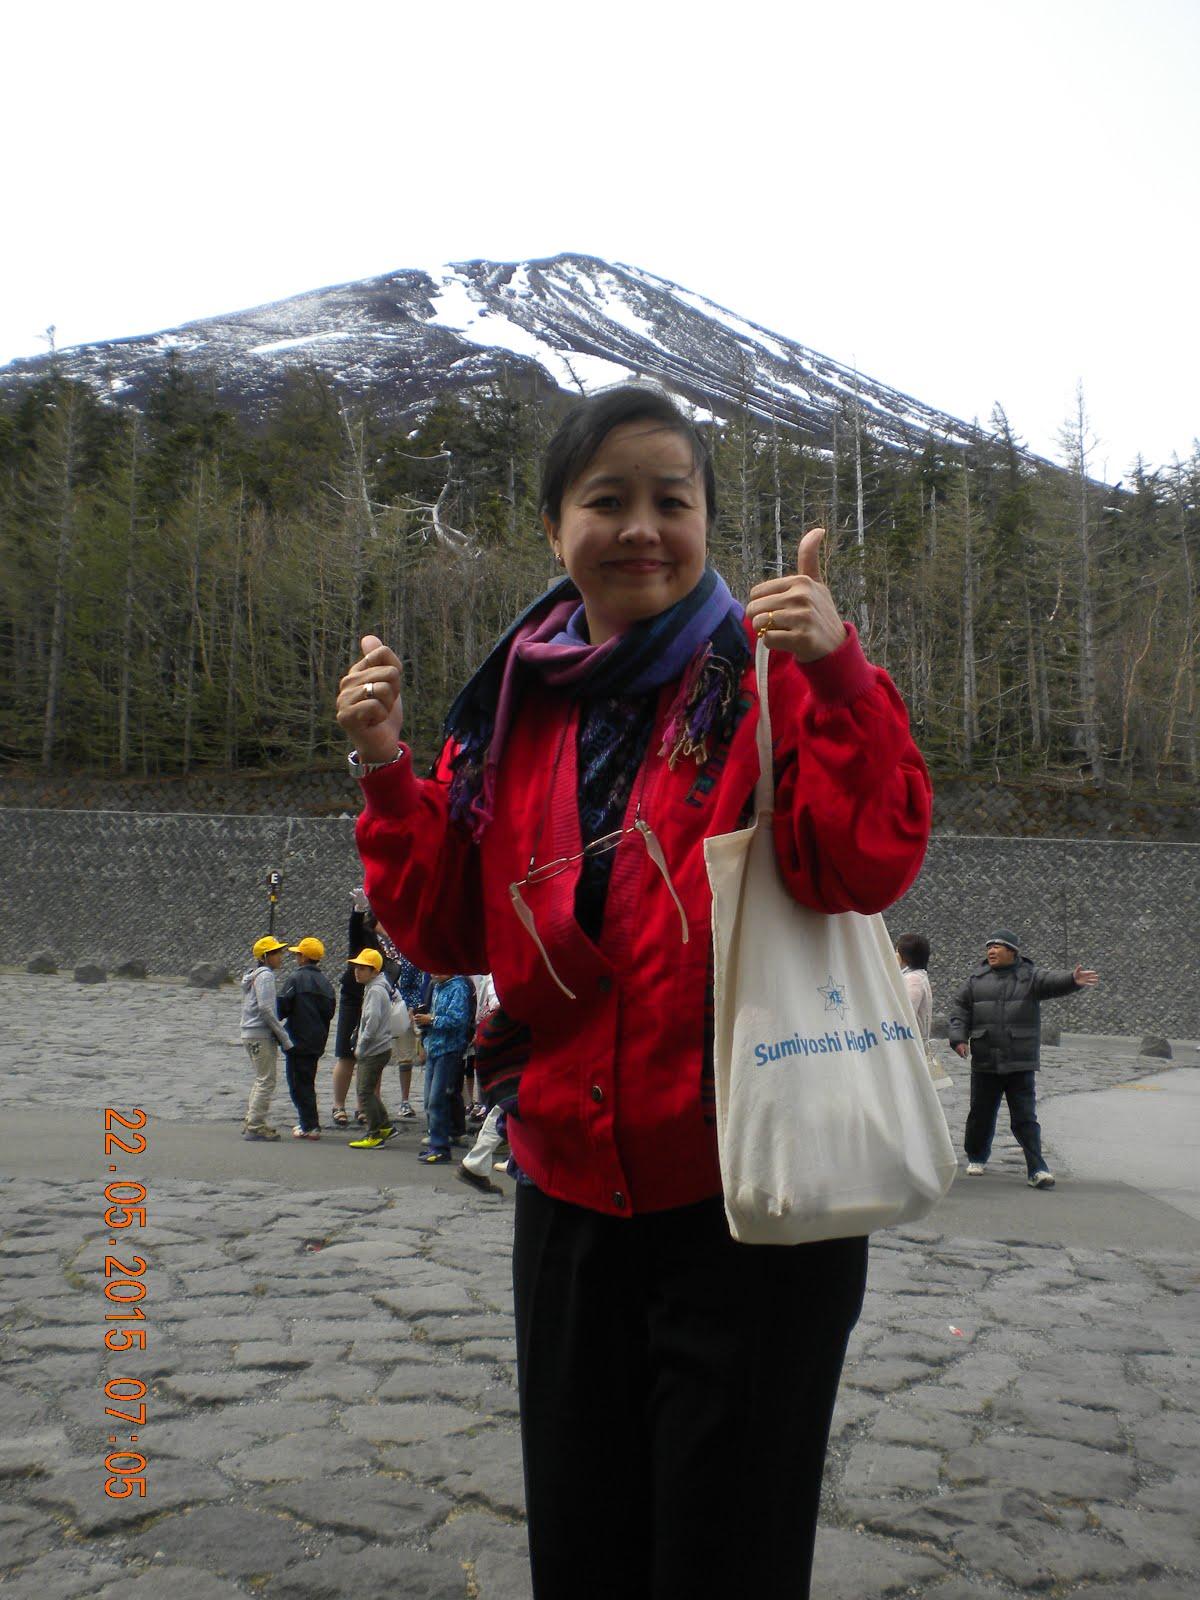 MOUNT FUJI- JAPAN MEI 2015